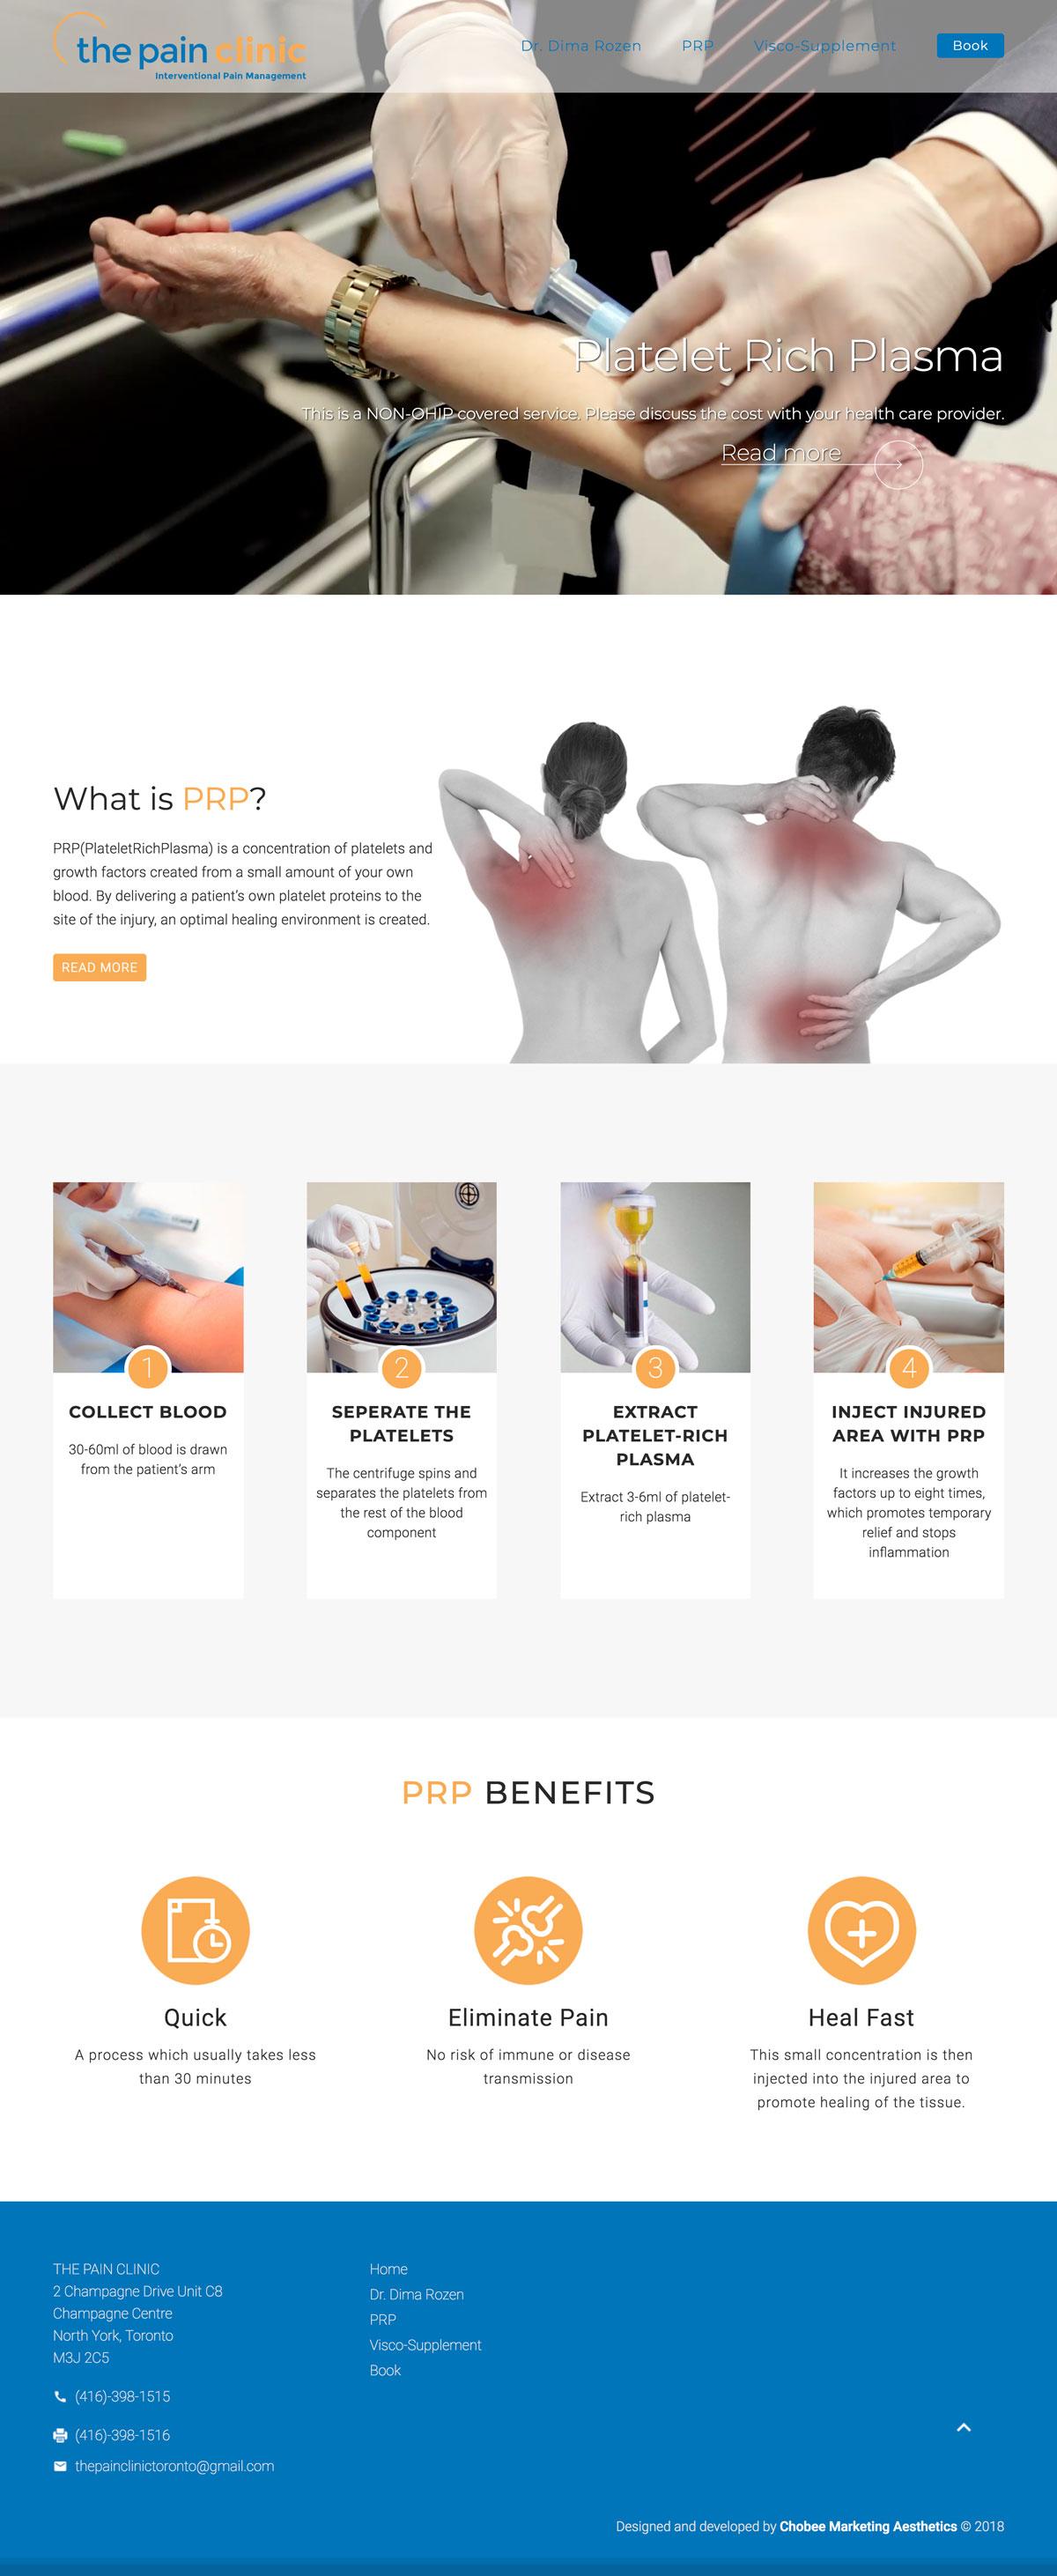 prp-toronto website